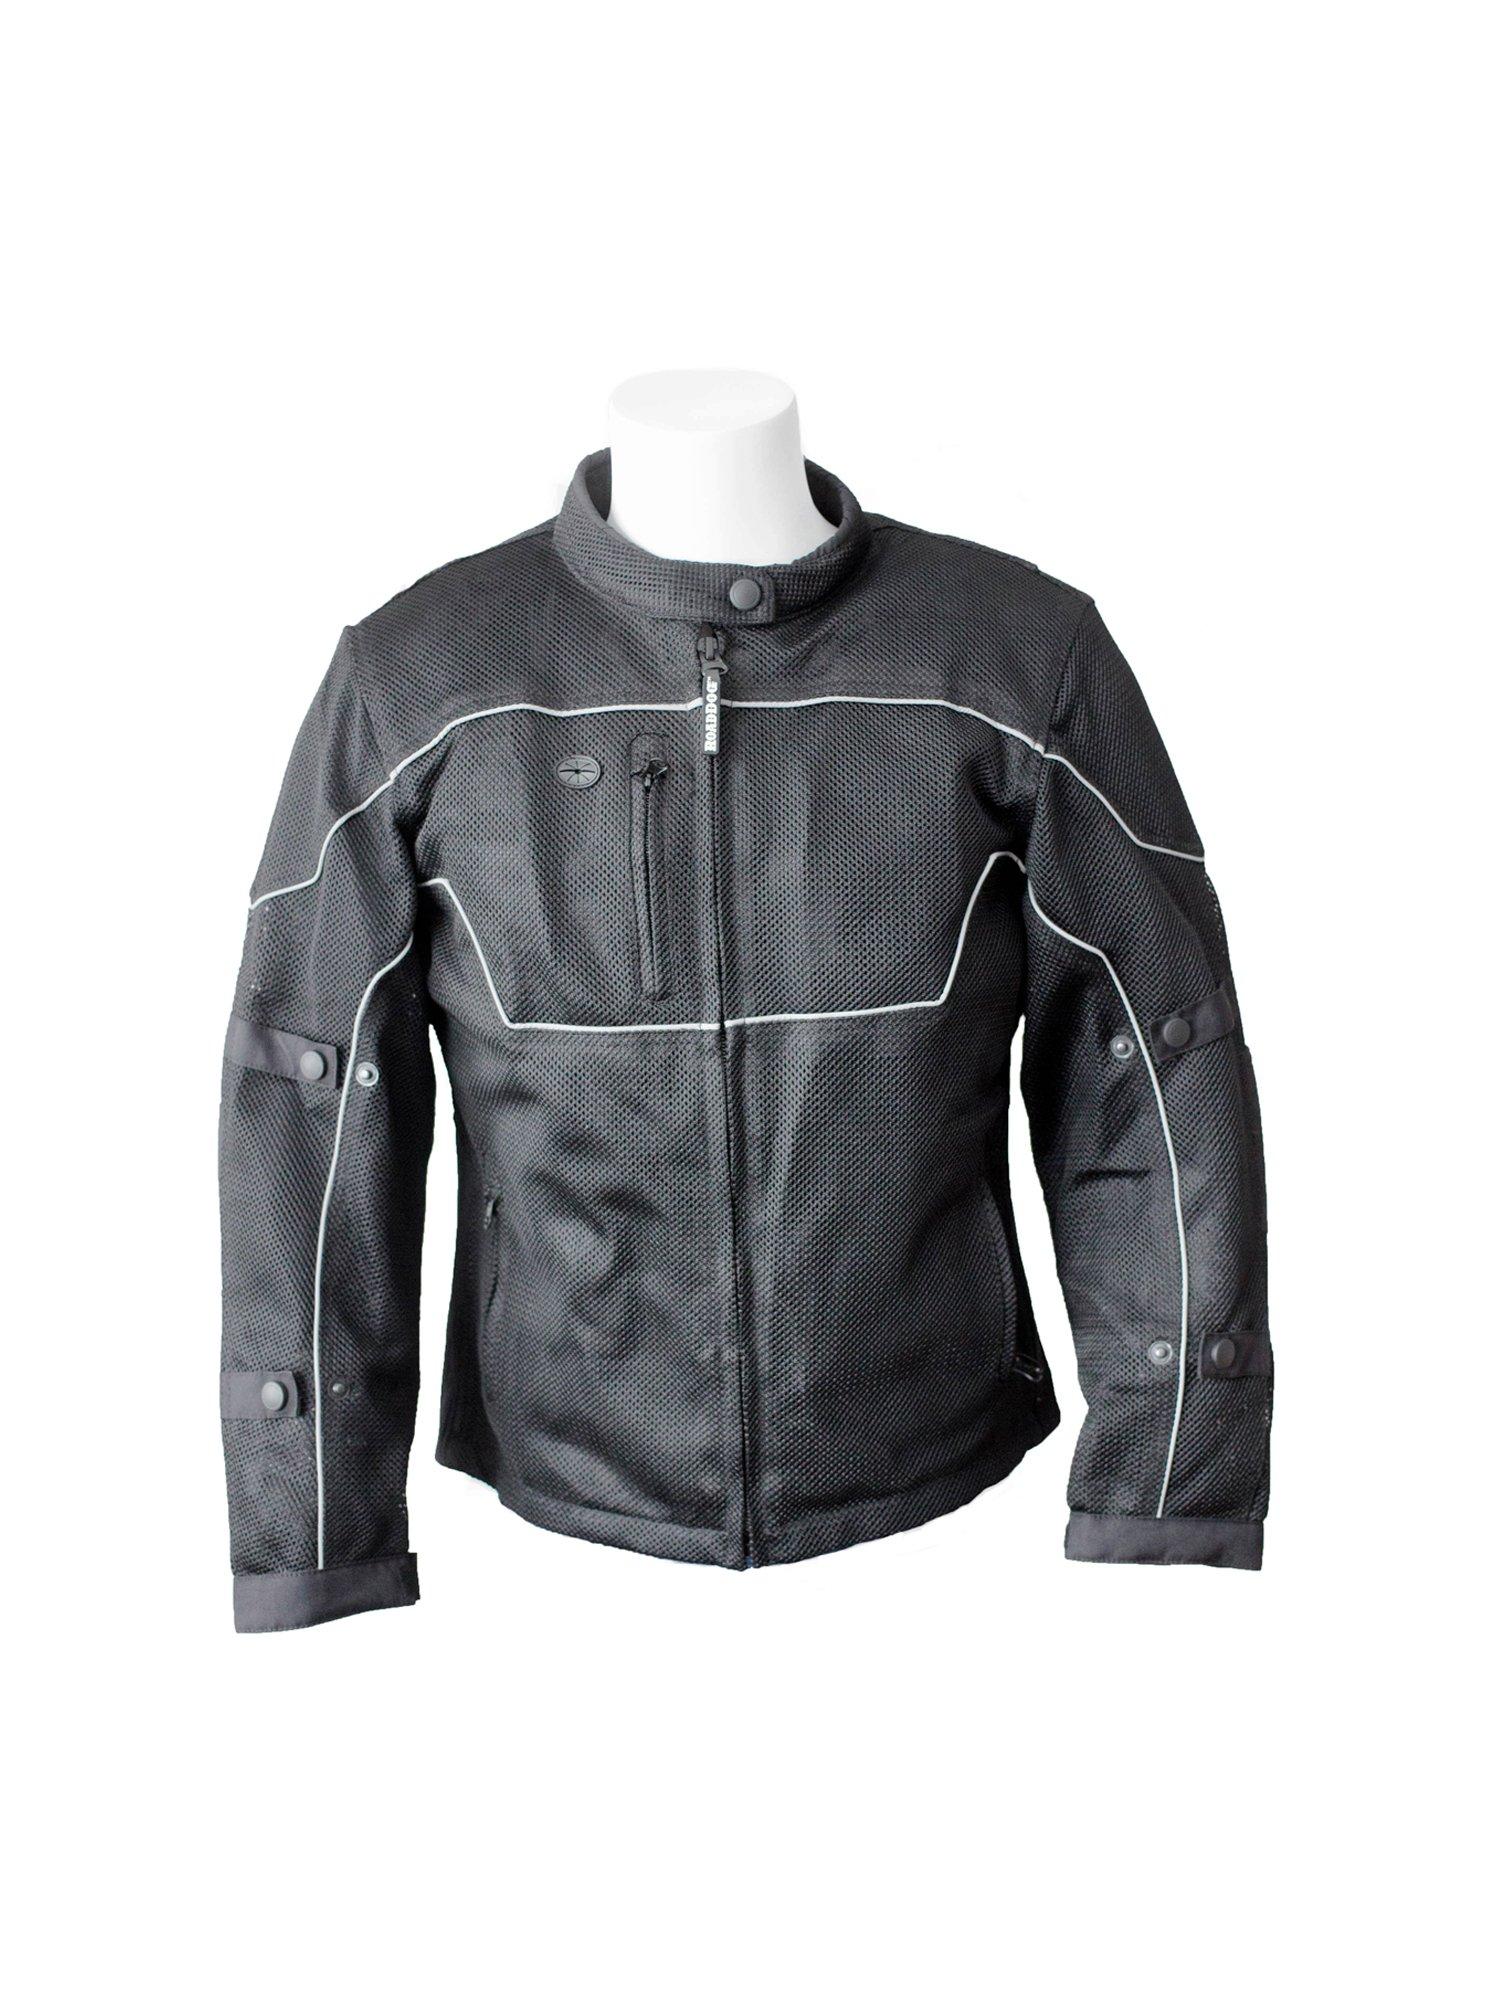 RoadDog Hurricane Mesh Motorcycle Riding Jacket Black Women's Large